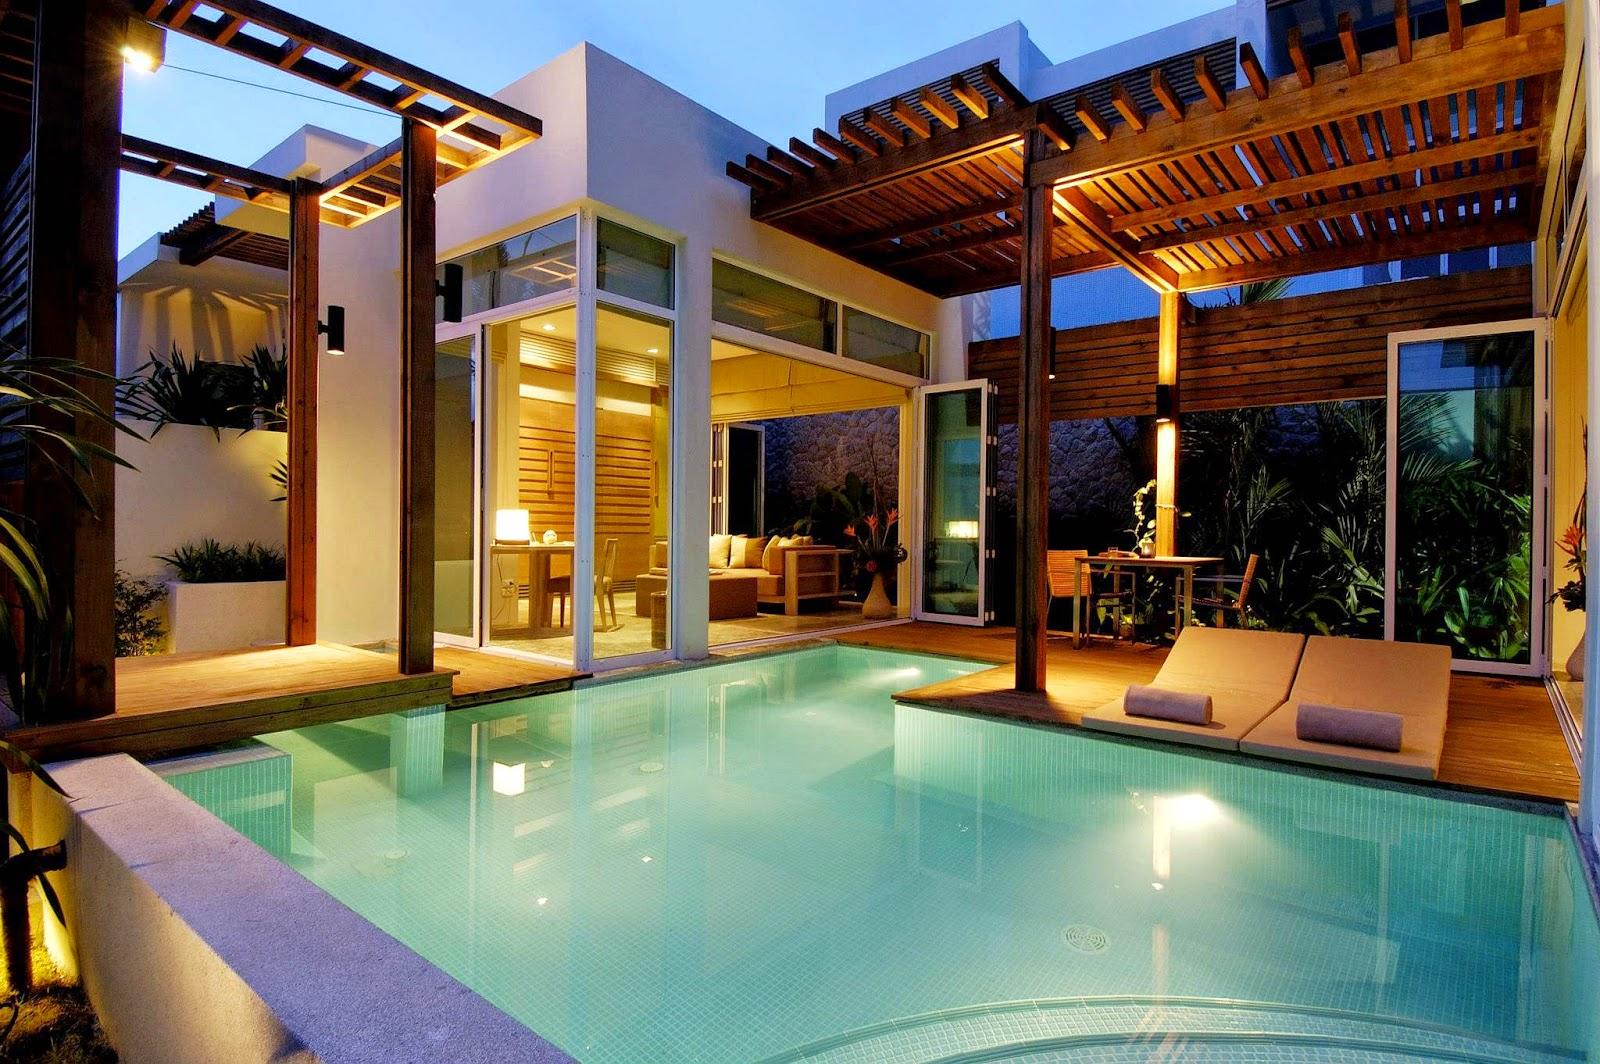 Desain Rumah Minimalis 2 Lantai Dan Kolam Renang Desain Rumah